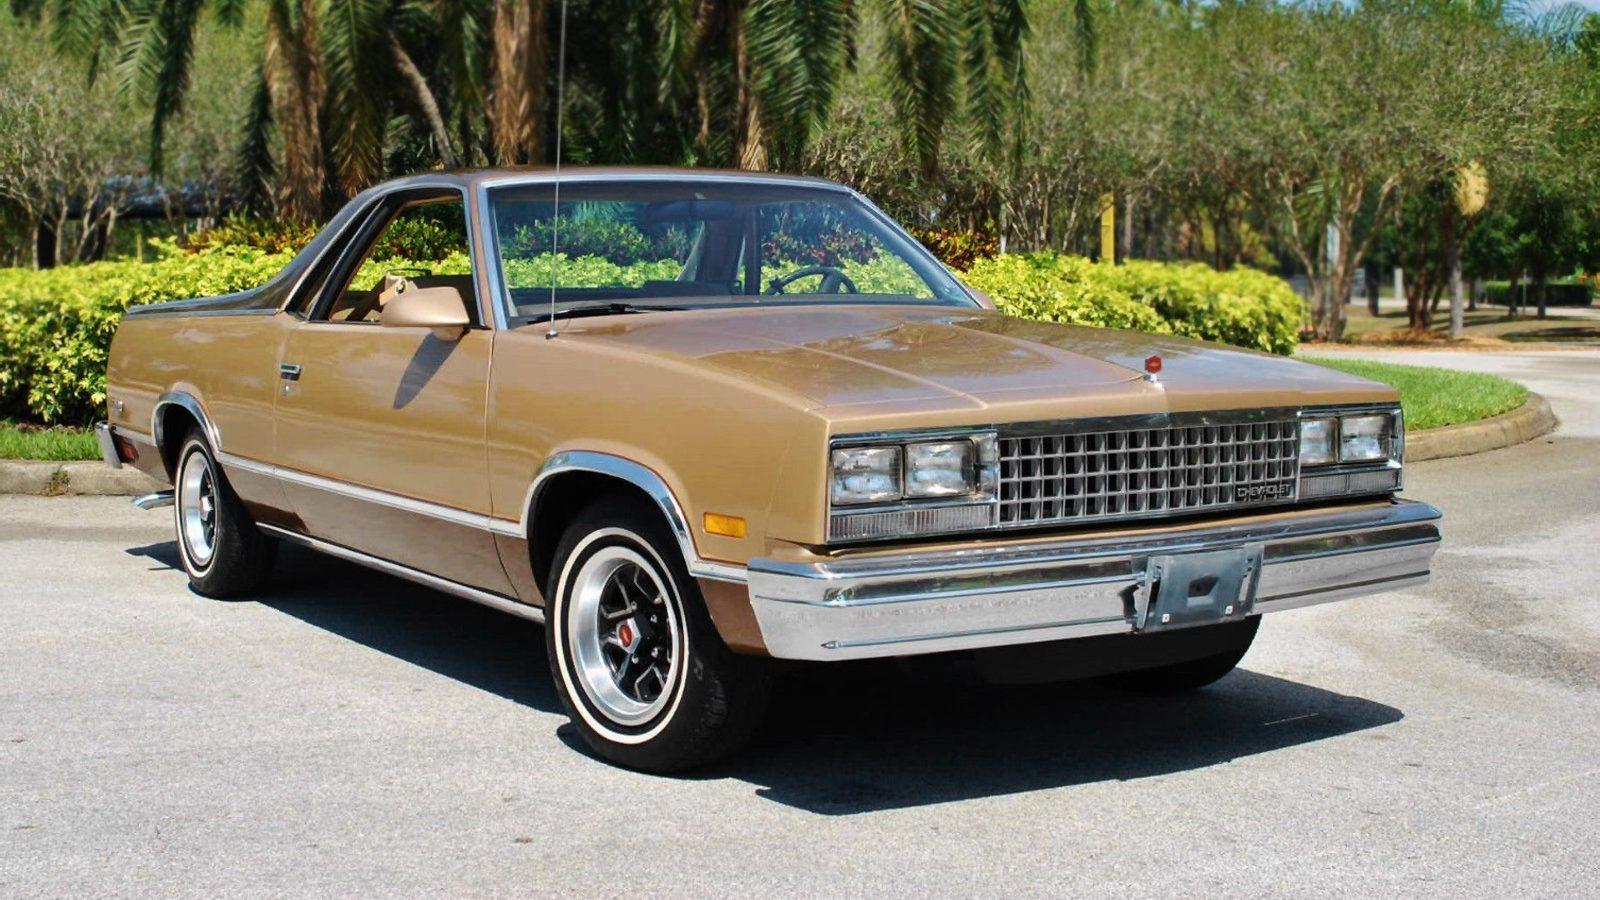 All Chevy 187 1987 Chevrolet El Camino Old Chevy Photos